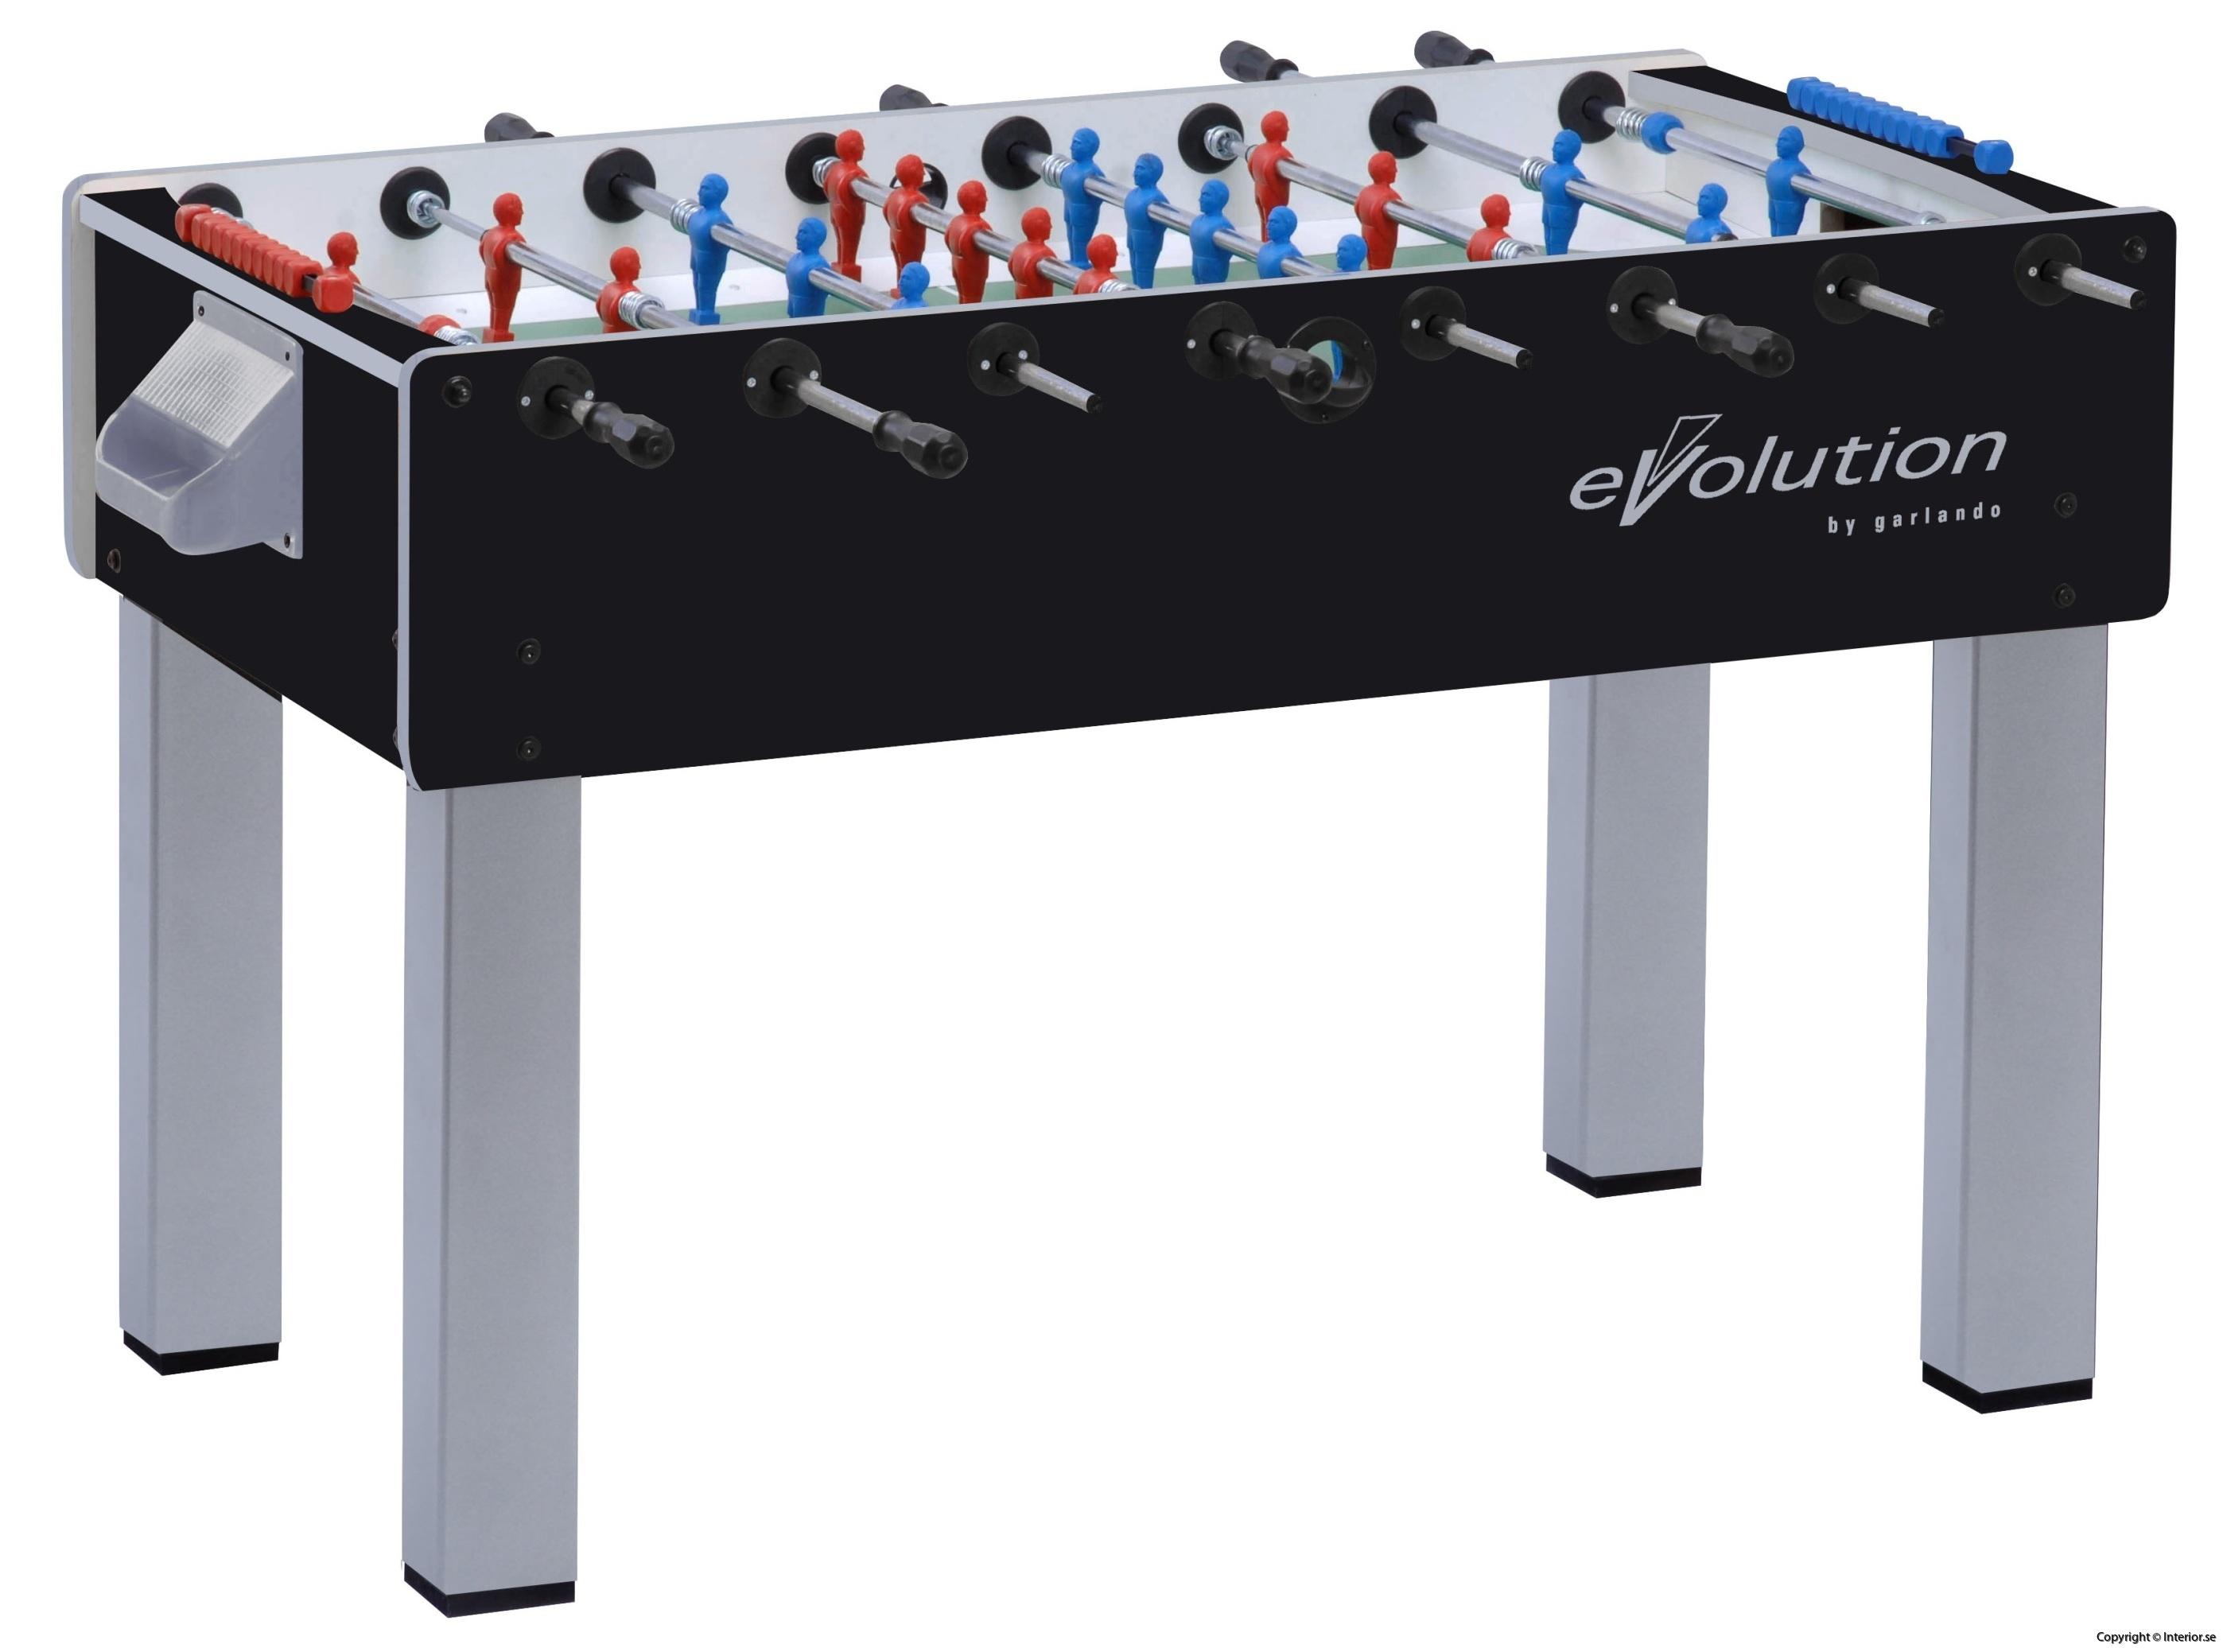 hyra fotbollsspel stockholm Foosball spel Fotbollsspel, Evolution F-200 by Garlando Hyr fotbollsspel